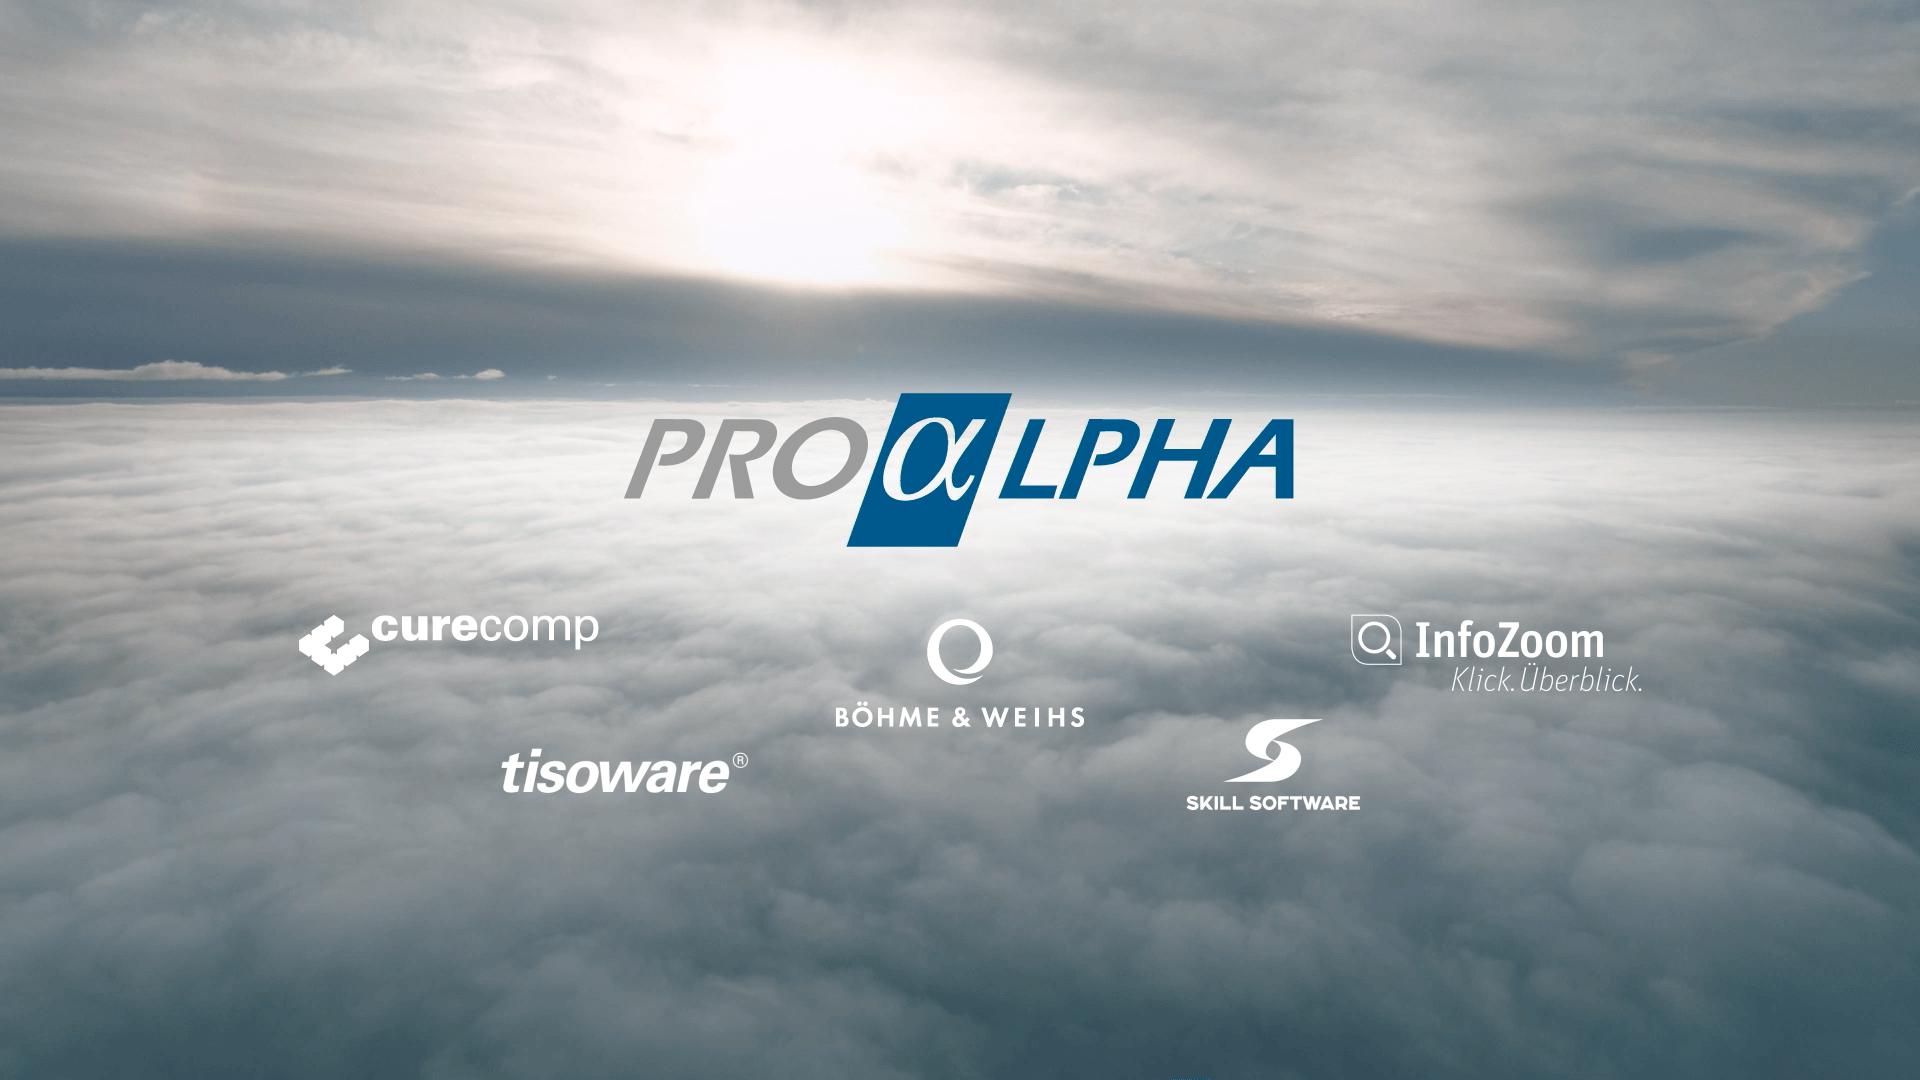 proALPHA-ERP-Grupa-Video